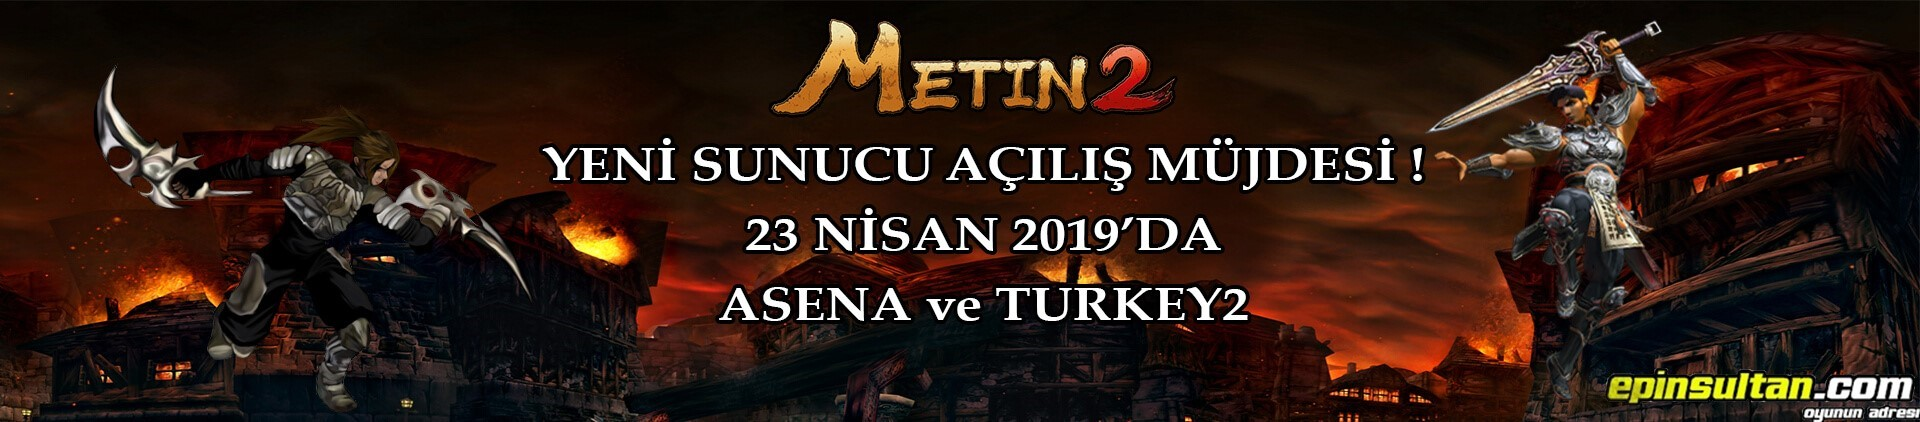 Metin2 Yeni Sunucular